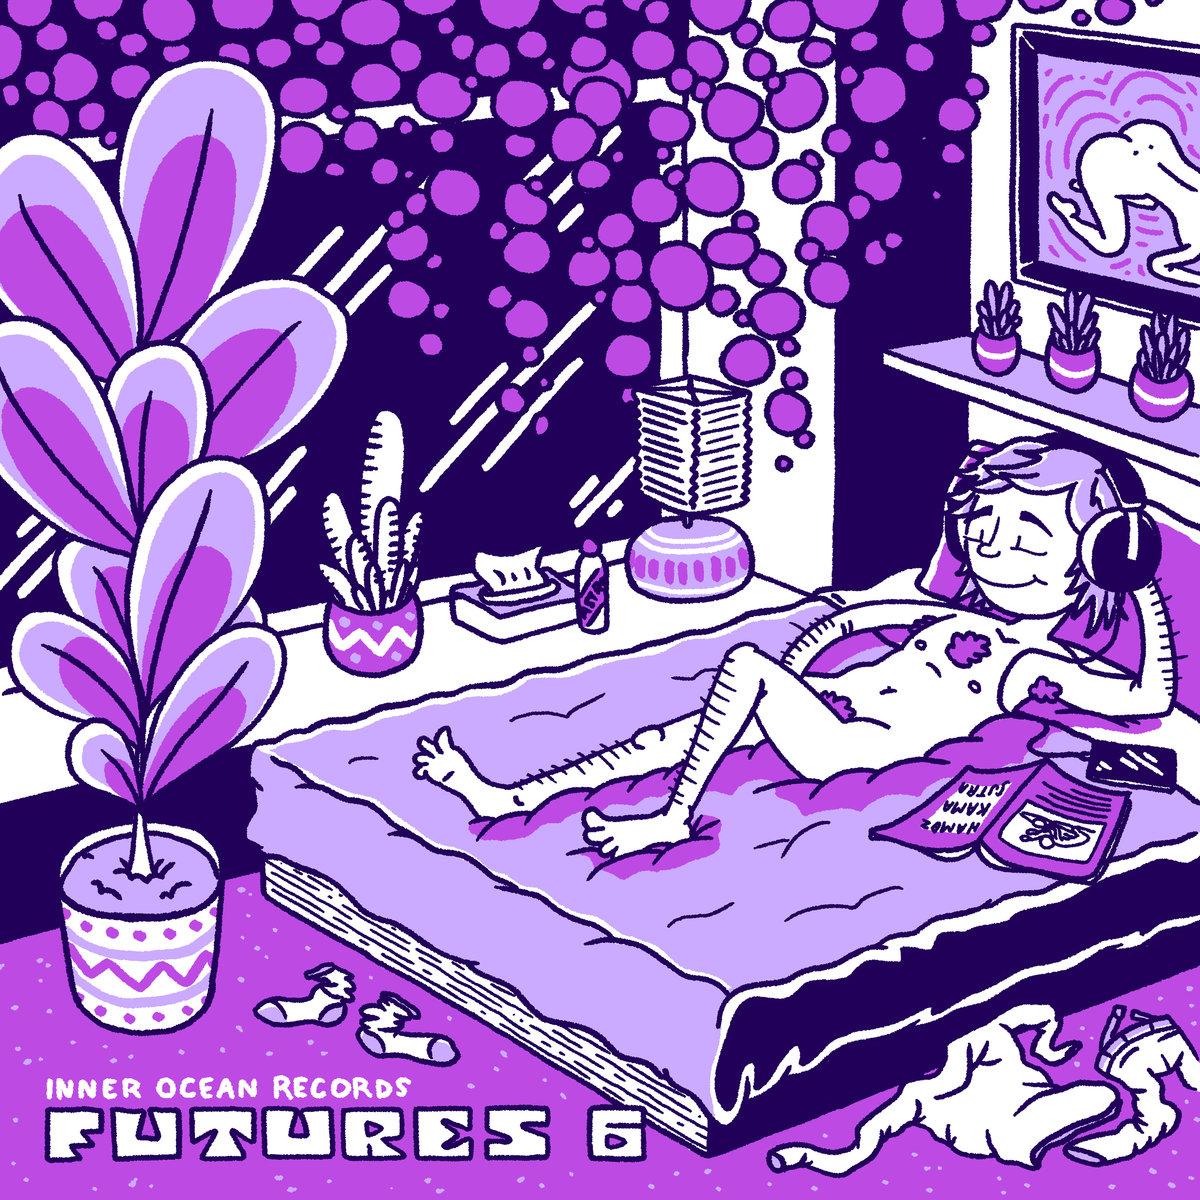 FUTURES Vol. 6 von Inner Ocean Records | Feinster Chillhop im Full Album Stream